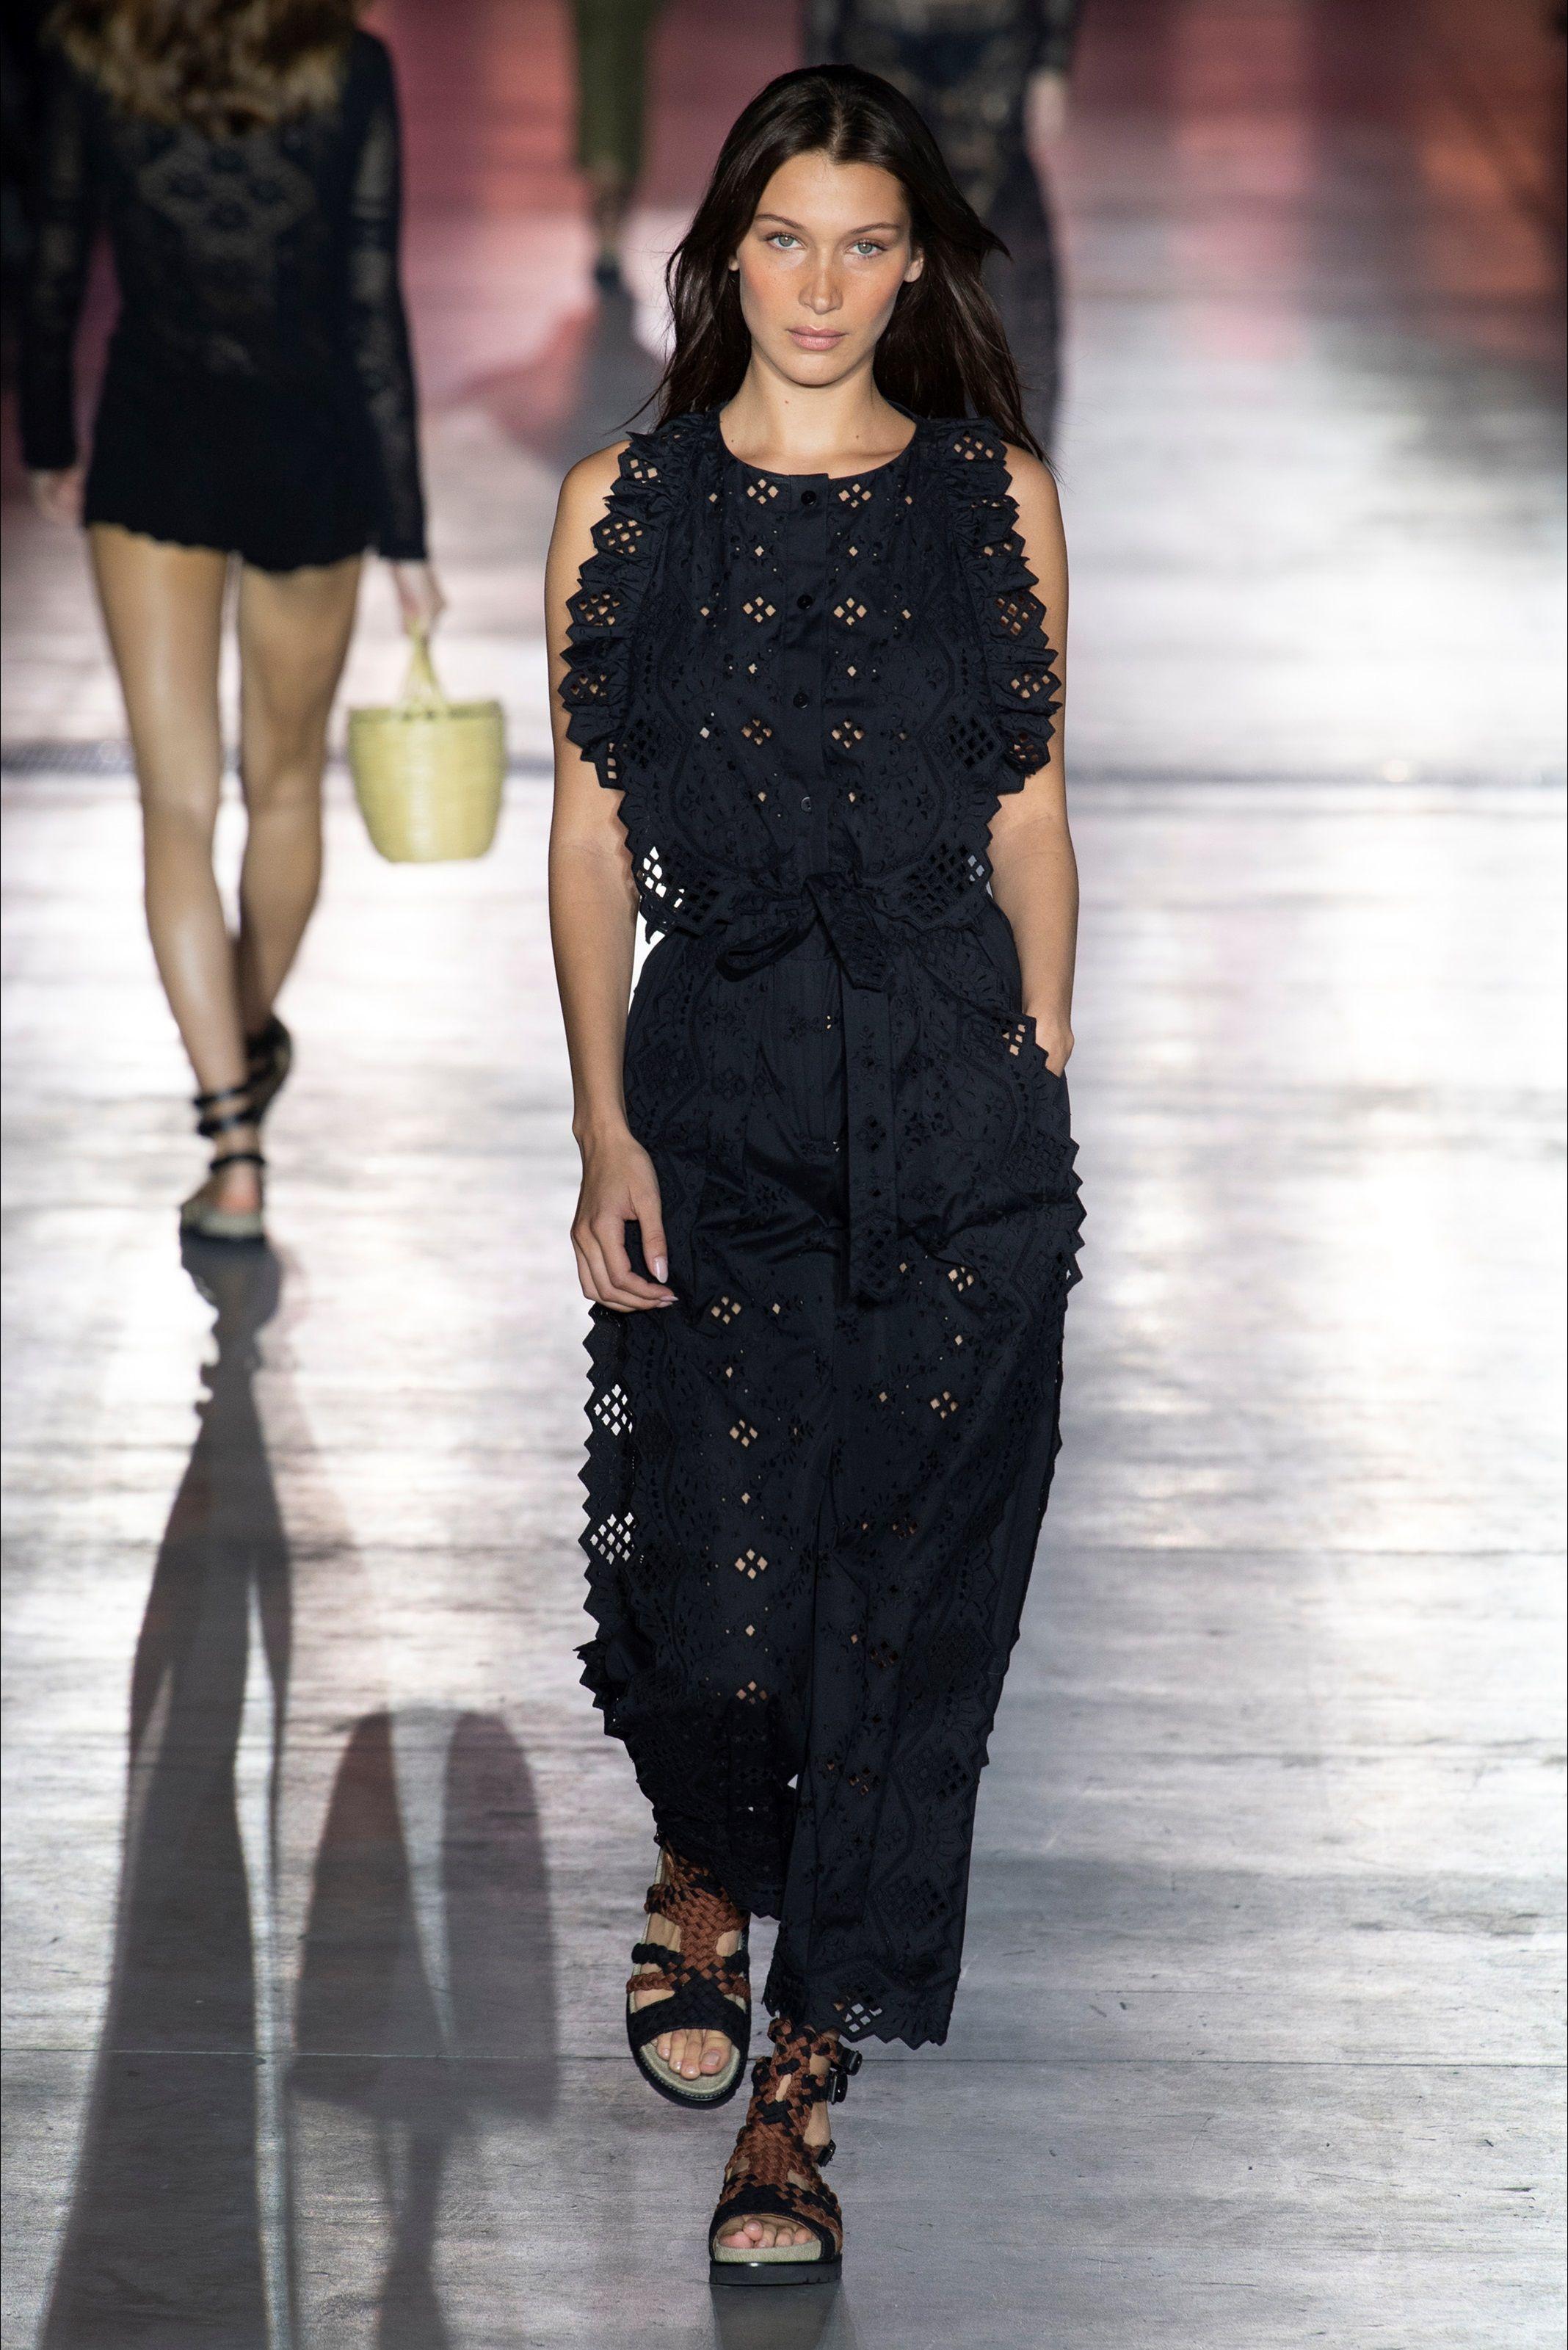 Sfilata Alberta Ferretti Milano - Collezioni Primavera Estate 2019 - Vogue ff6a3d465a1